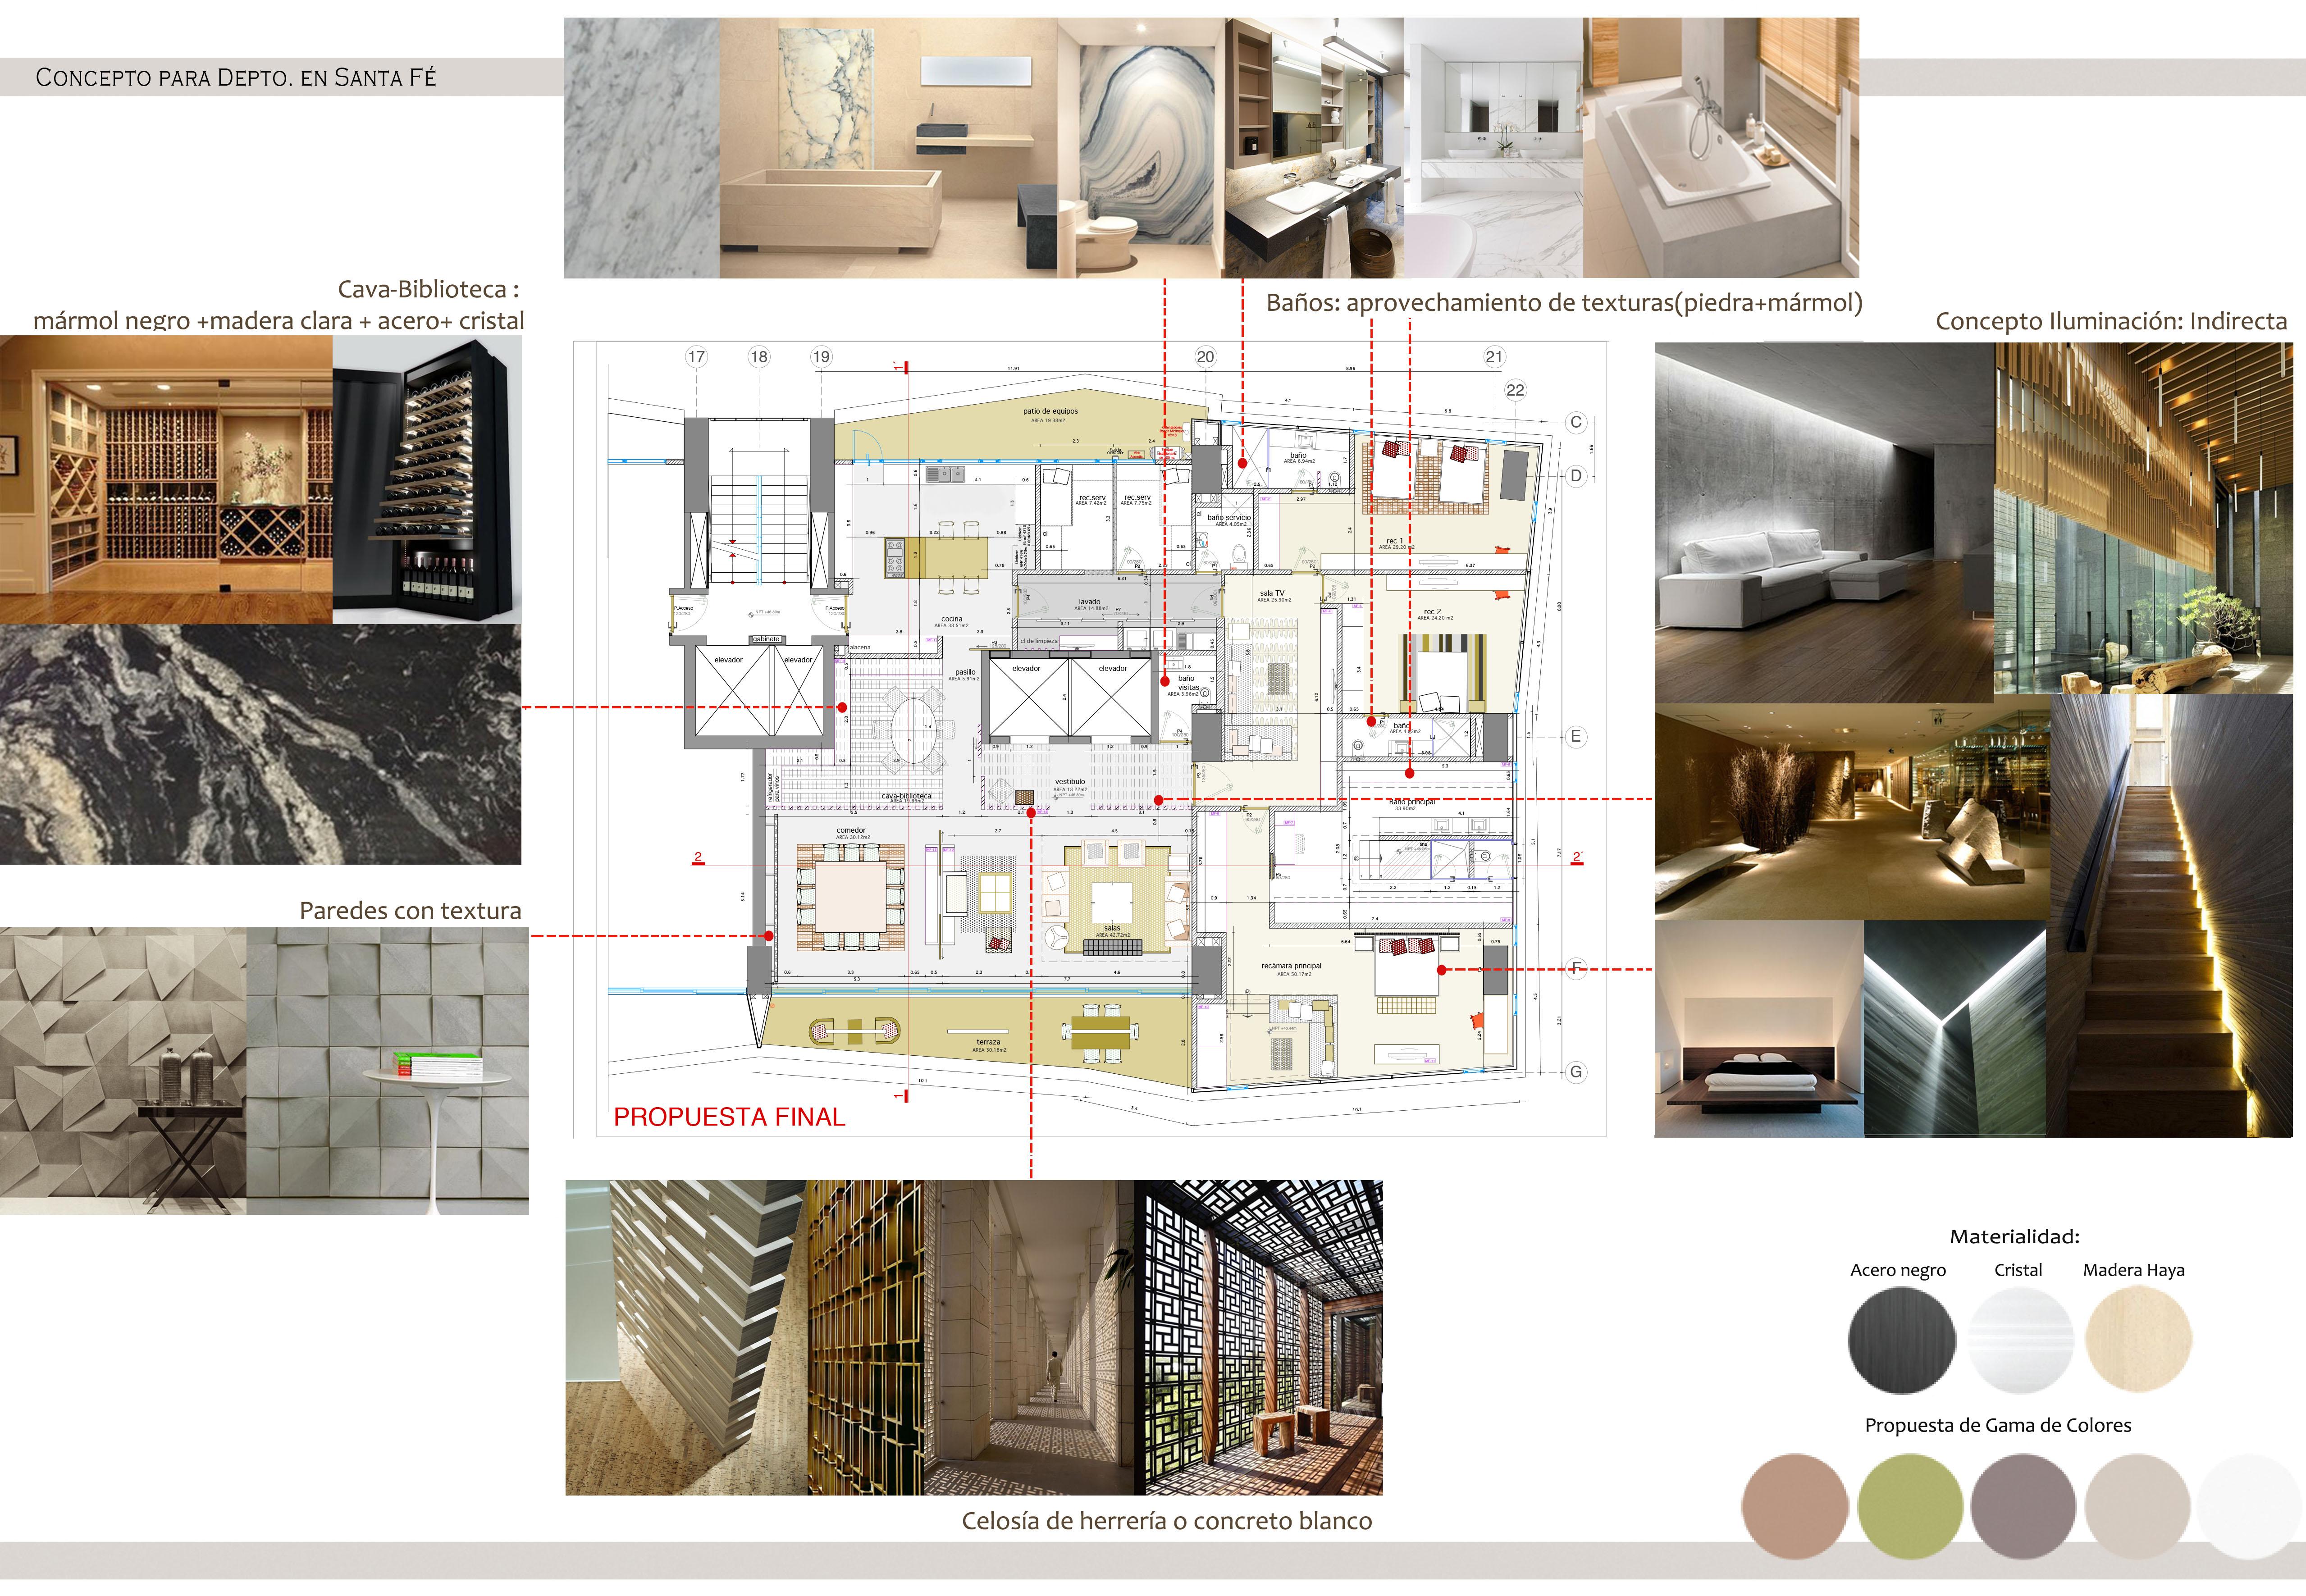 Baño De Tina Concepto:Trabajos Previos by Martha María Mondragón Marroquín at Coroflot